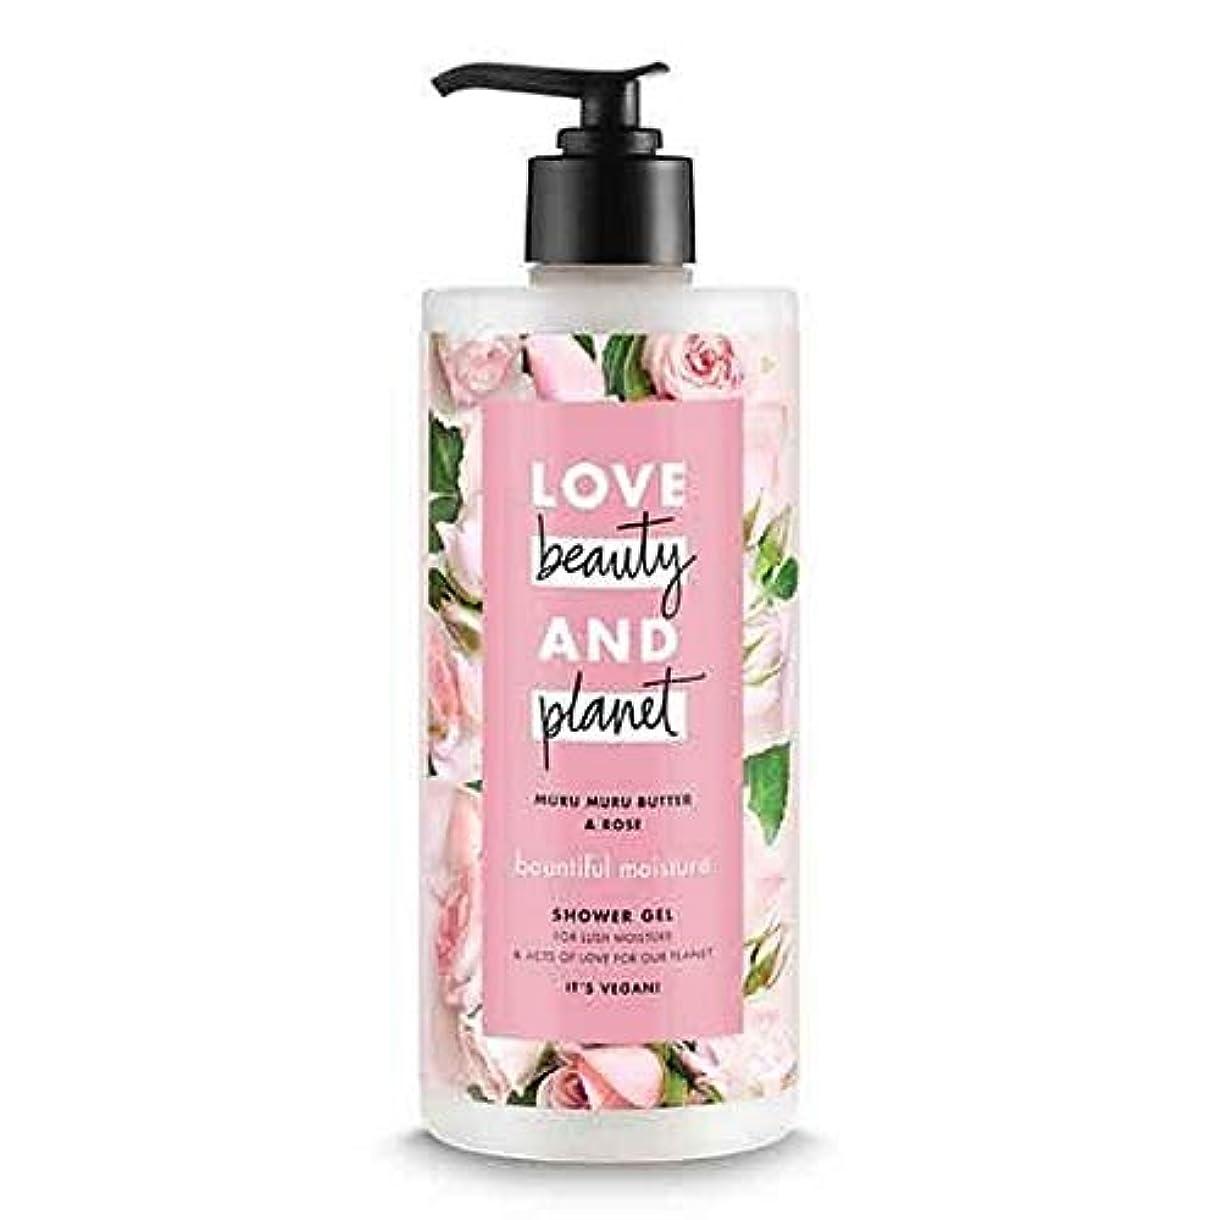 ブラシパステルホステス[Love Beauty and Planet ] 美しさと豊かな惑星水分シャワージェル500ミリリットルを愛します - Love Beauty And Planet Bountiful Moisture Shower...